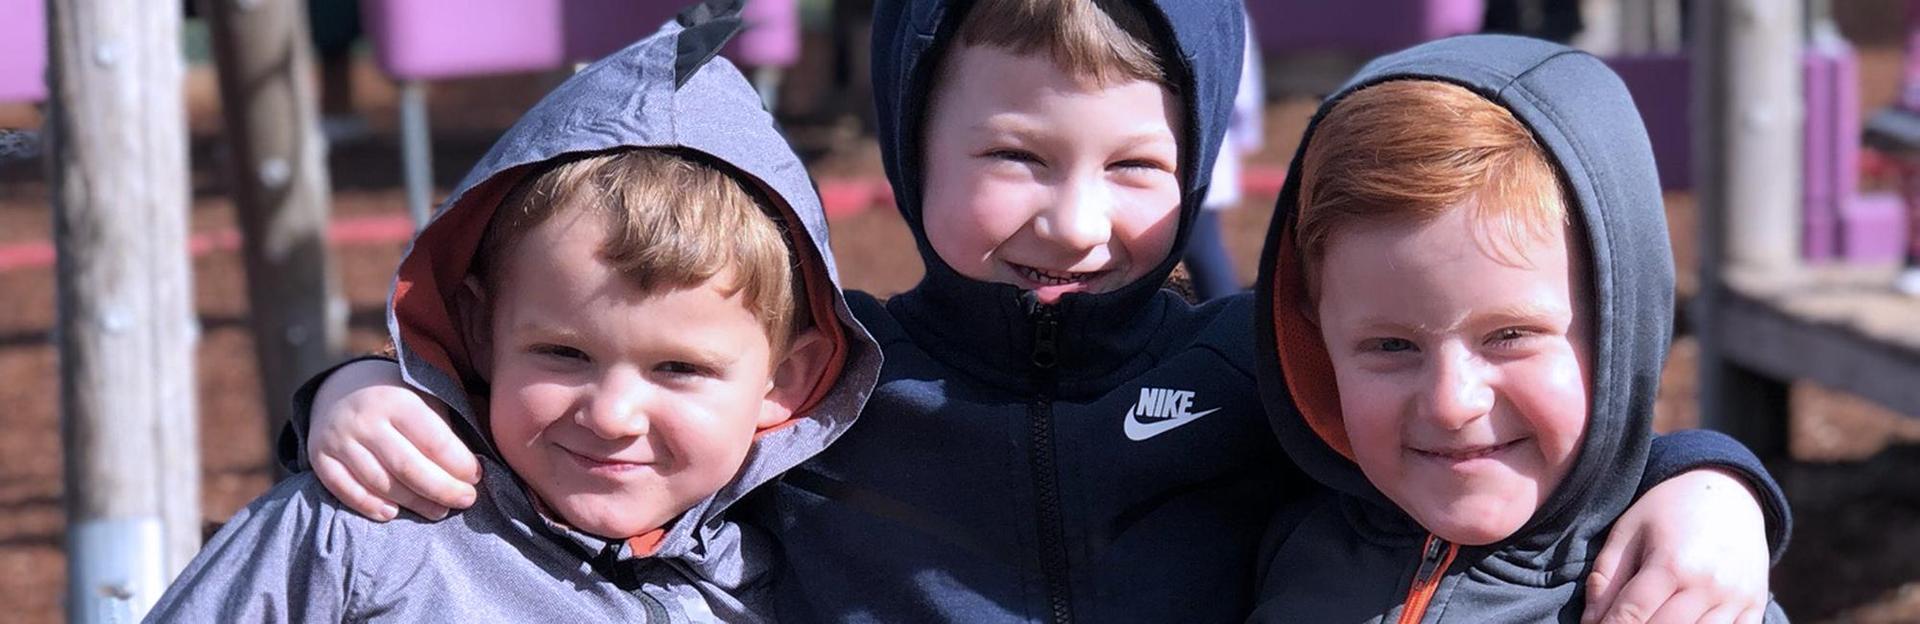 Preschoolers (boys) at recess